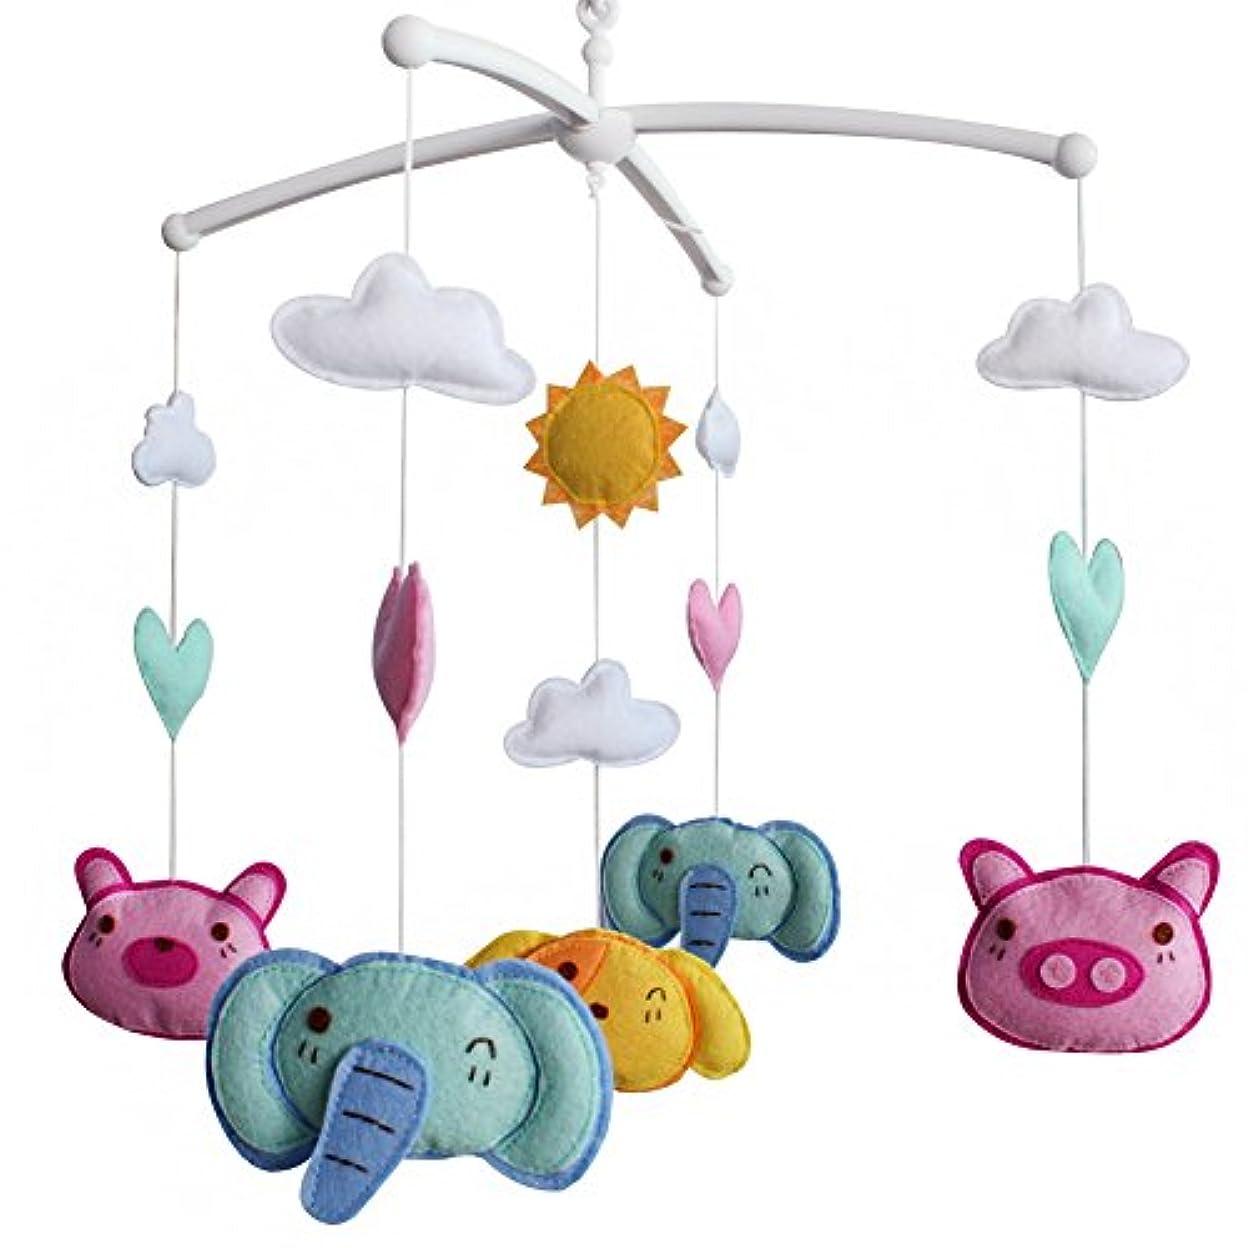 いまおじいちゃん説明するかわいい動物と赤ちゃんのベビーベッドモバイル、保育園モバイル、カラフル保育園インテリア